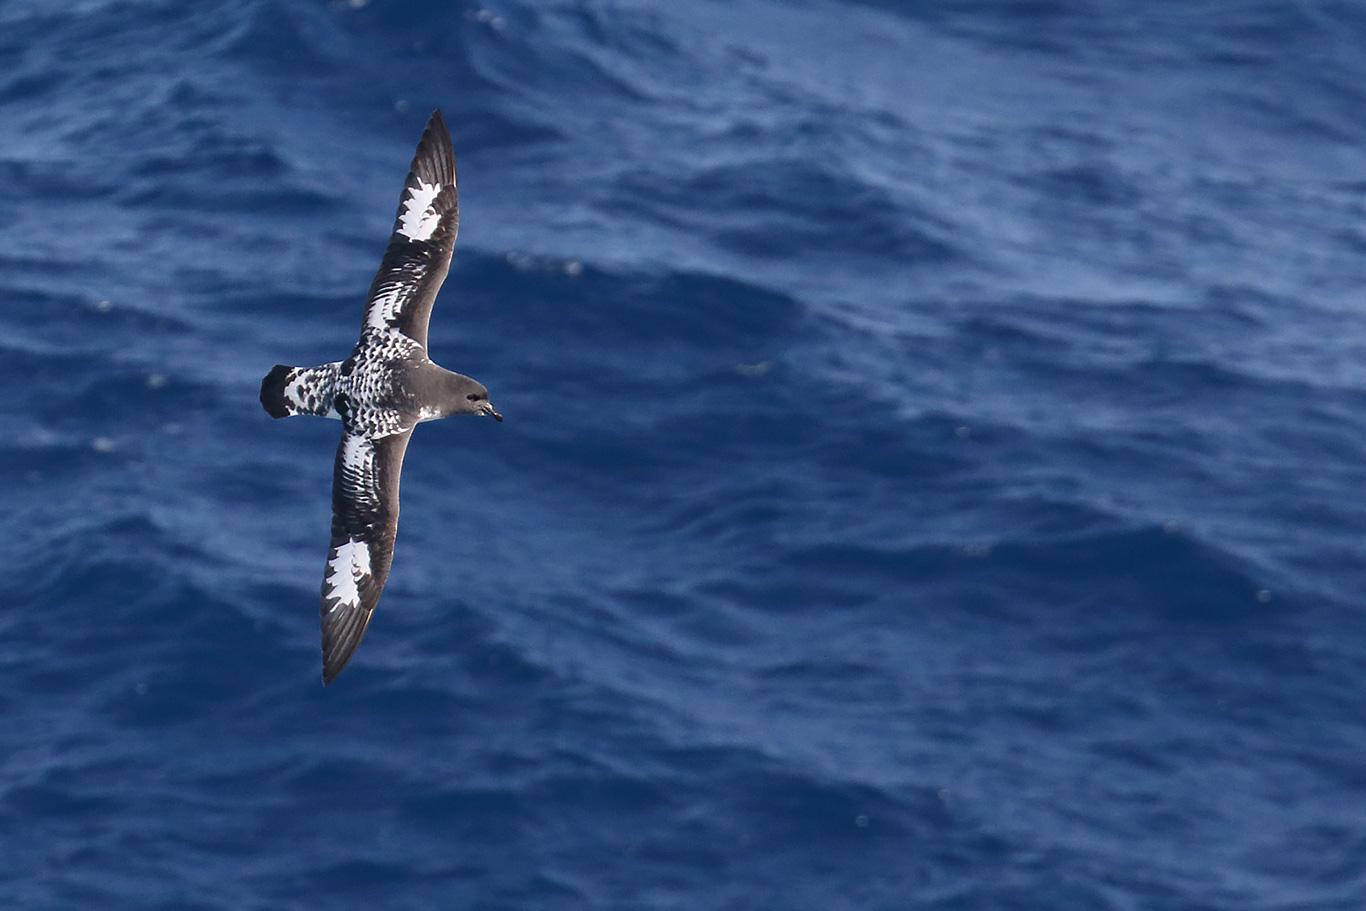 Cape Petrel, At sea, south of Falkland Islands and north of Antarctica, South Atlantic Ocean.